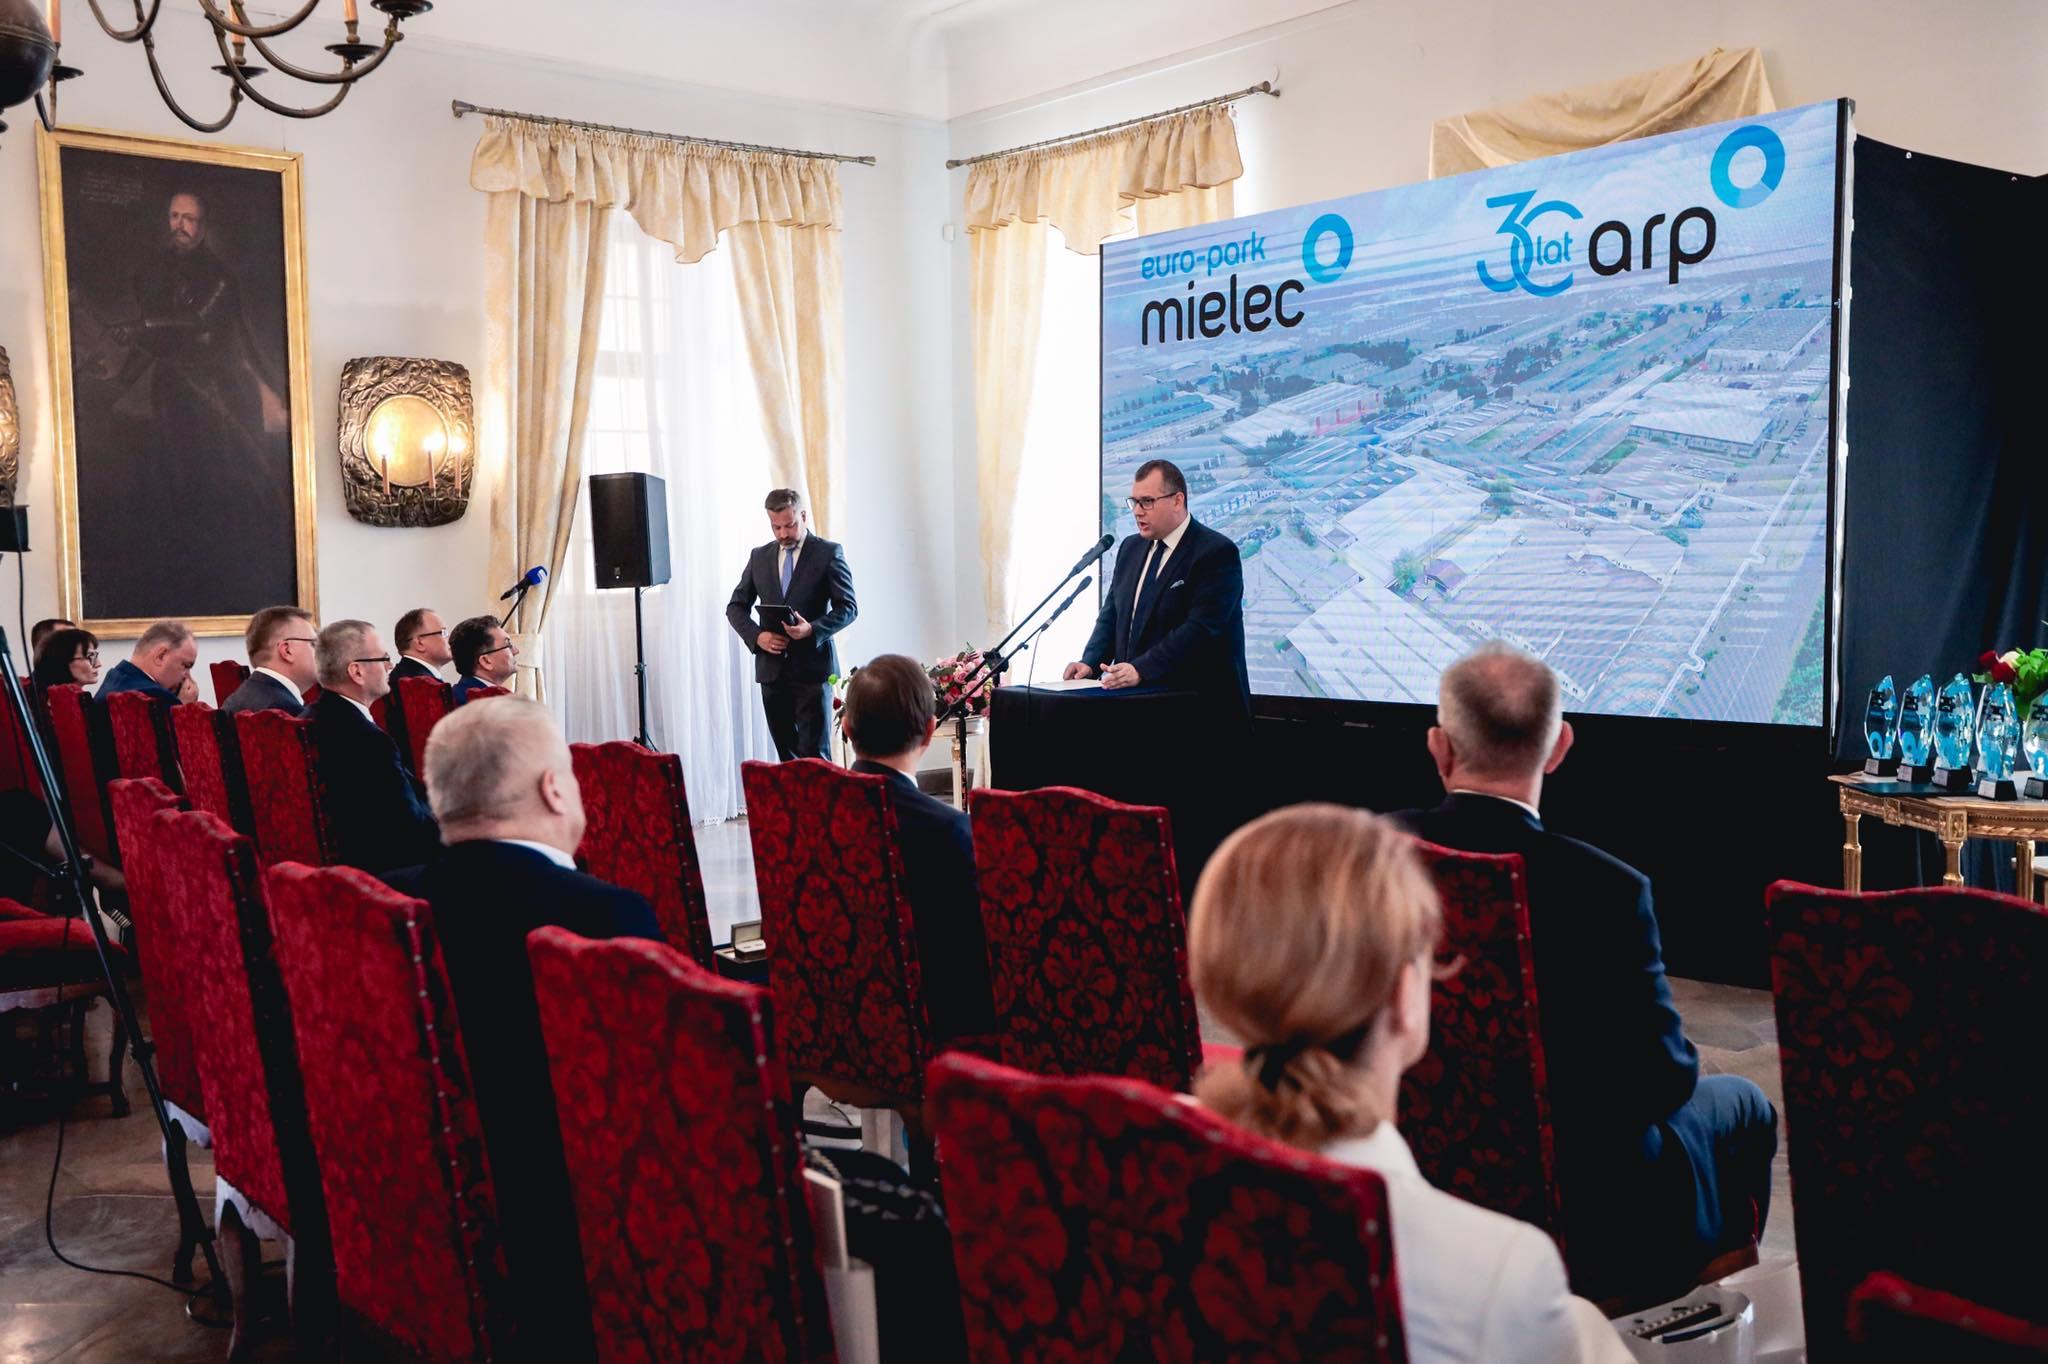 Specjalna Strefa Ekonomiczna EURO-PARK MIELEC od ponad 25 lat nakręca biznes